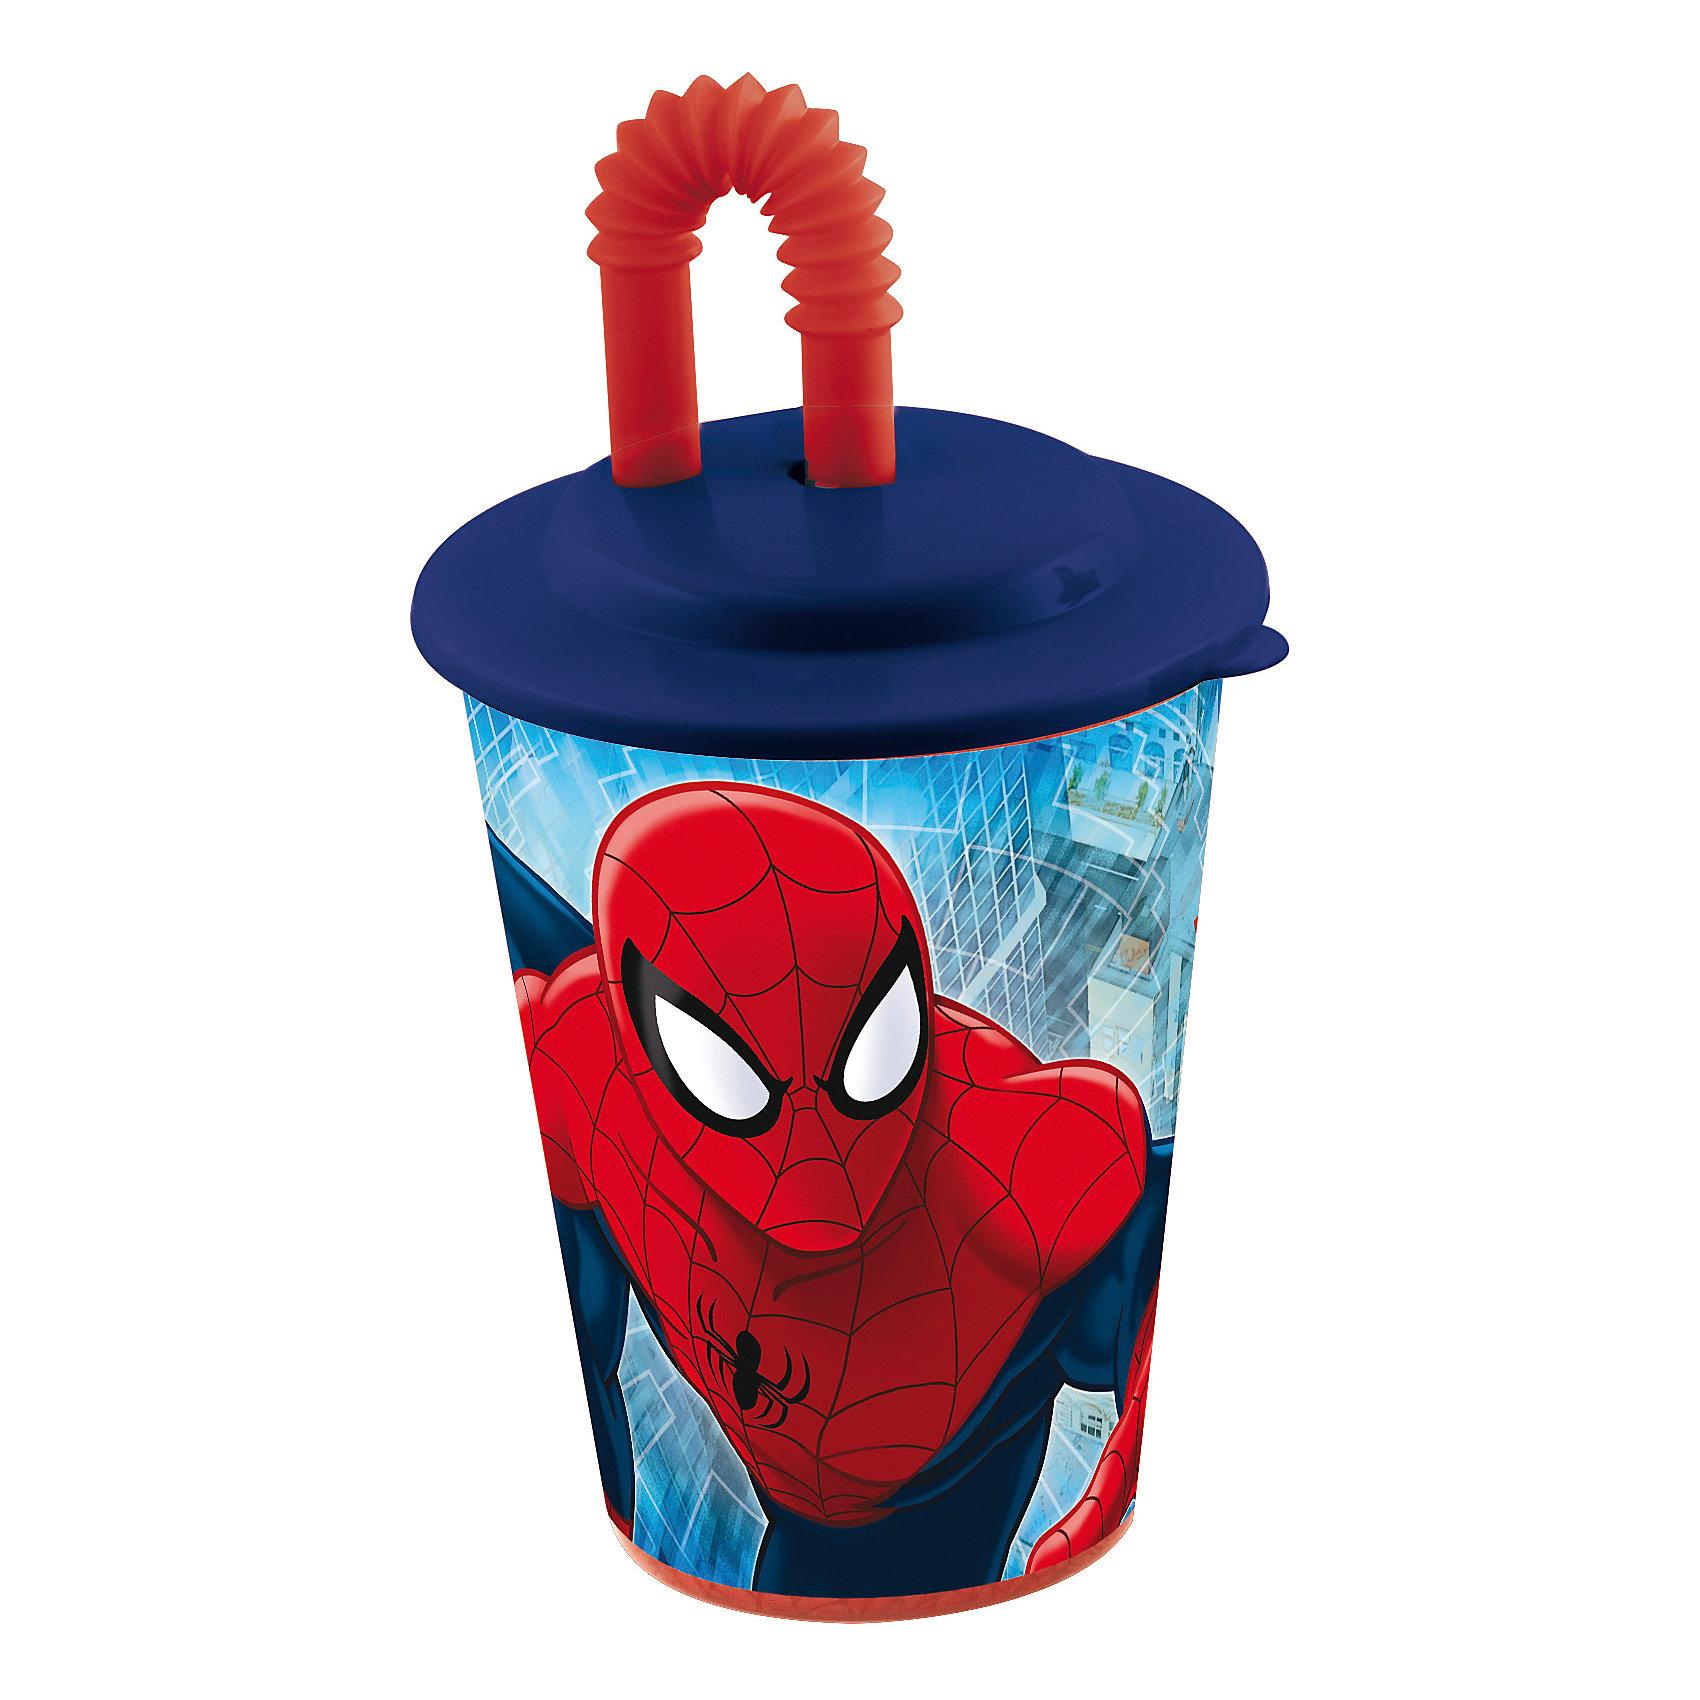 Стакан с крышкой и трубочкой, 450 мл, Человек-ПаукСтакан с изображением любимого героя обязательно понравится мальчишкам. Пить из него приятнее вдвойне! Стакан имеет удобную крышку, исключающую проливание и гибкую трубочку, выполнен из высококачественного экологичного пищевого пластика. Пластиковая посуда - практичная и безопасная, ее можно брать с собой куда угодно, не беспокоясь, что она может разбиться и поранить ребенка.   <br><br>Дополнительная информация:<br><br>- Материал: пластик.<br>- Объем: 450 мл.<br><br>Стакан с крышкой и трубочкой, 450 мл, Человек-Паук (Spider-Man), можно купить в нашем магазине.<br><br>Ширина мм: 95<br>Глубина мм: 95<br>Высота мм: 180<br>Вес г: 75<br>Возраст от месяцев: 36<br>Возраст до месяцев: 144<br>Пол: Мужской<br>Возраст: Детский<br>SKU: 4761392